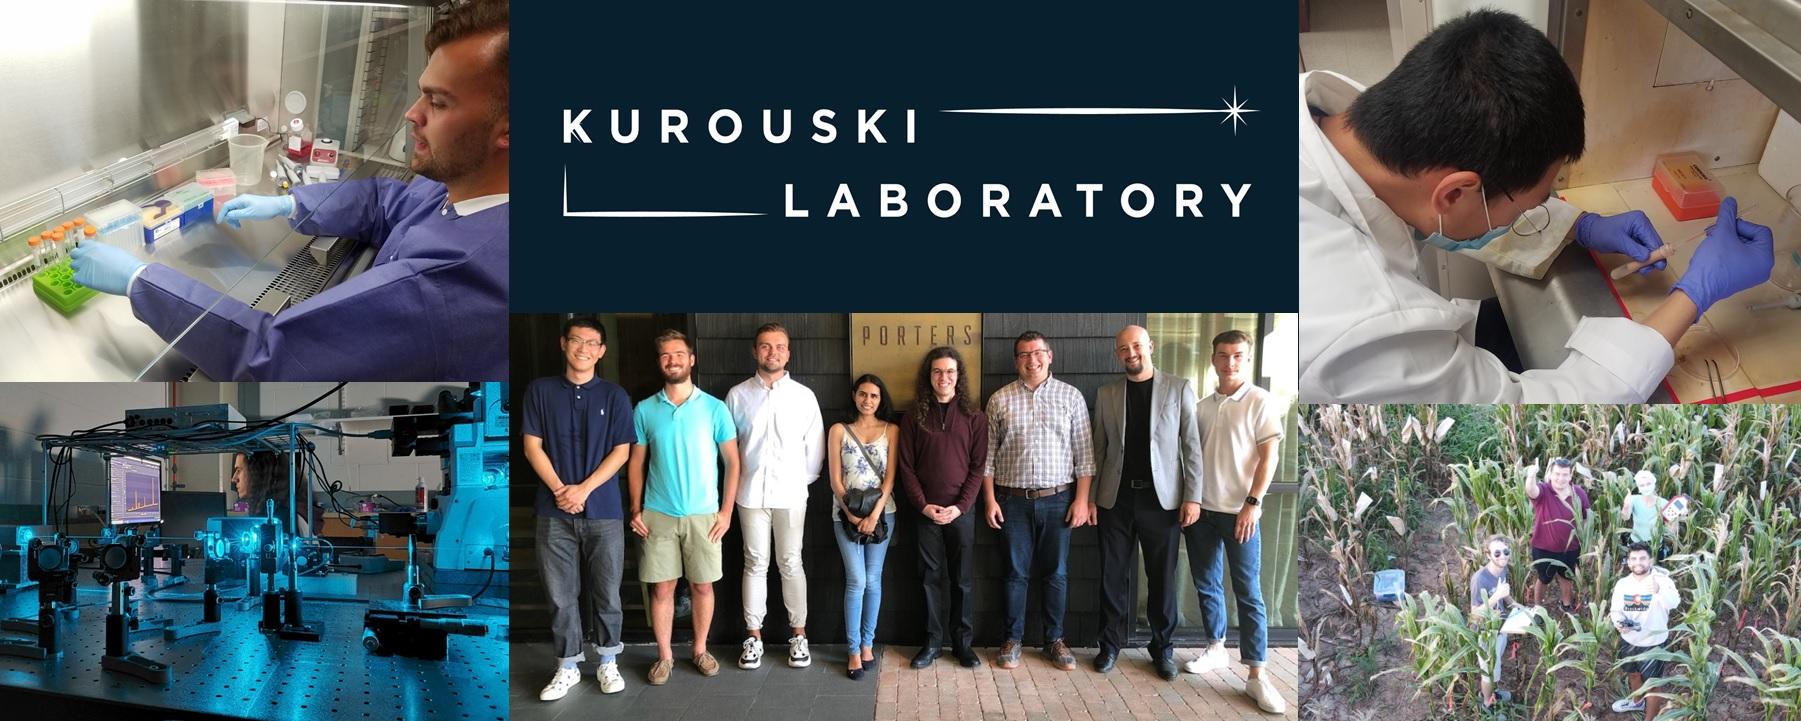 Kurouski Lab